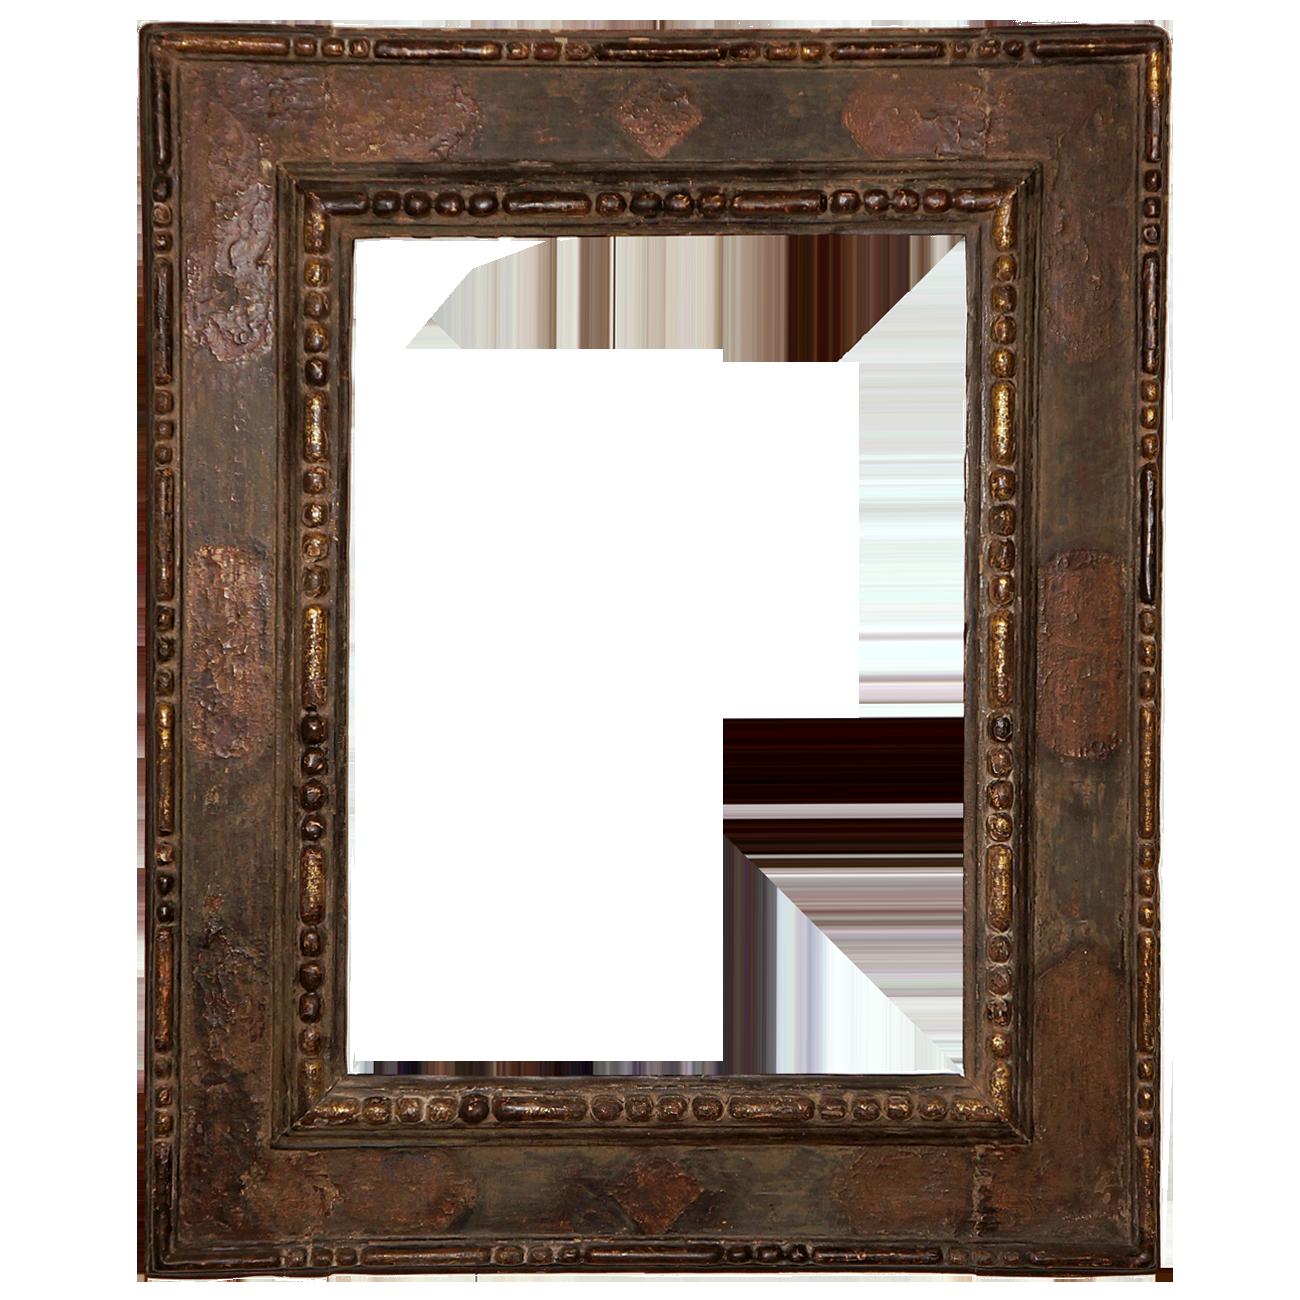 Renaissance Archives - Page 4 of 5 - Antike Rahmen